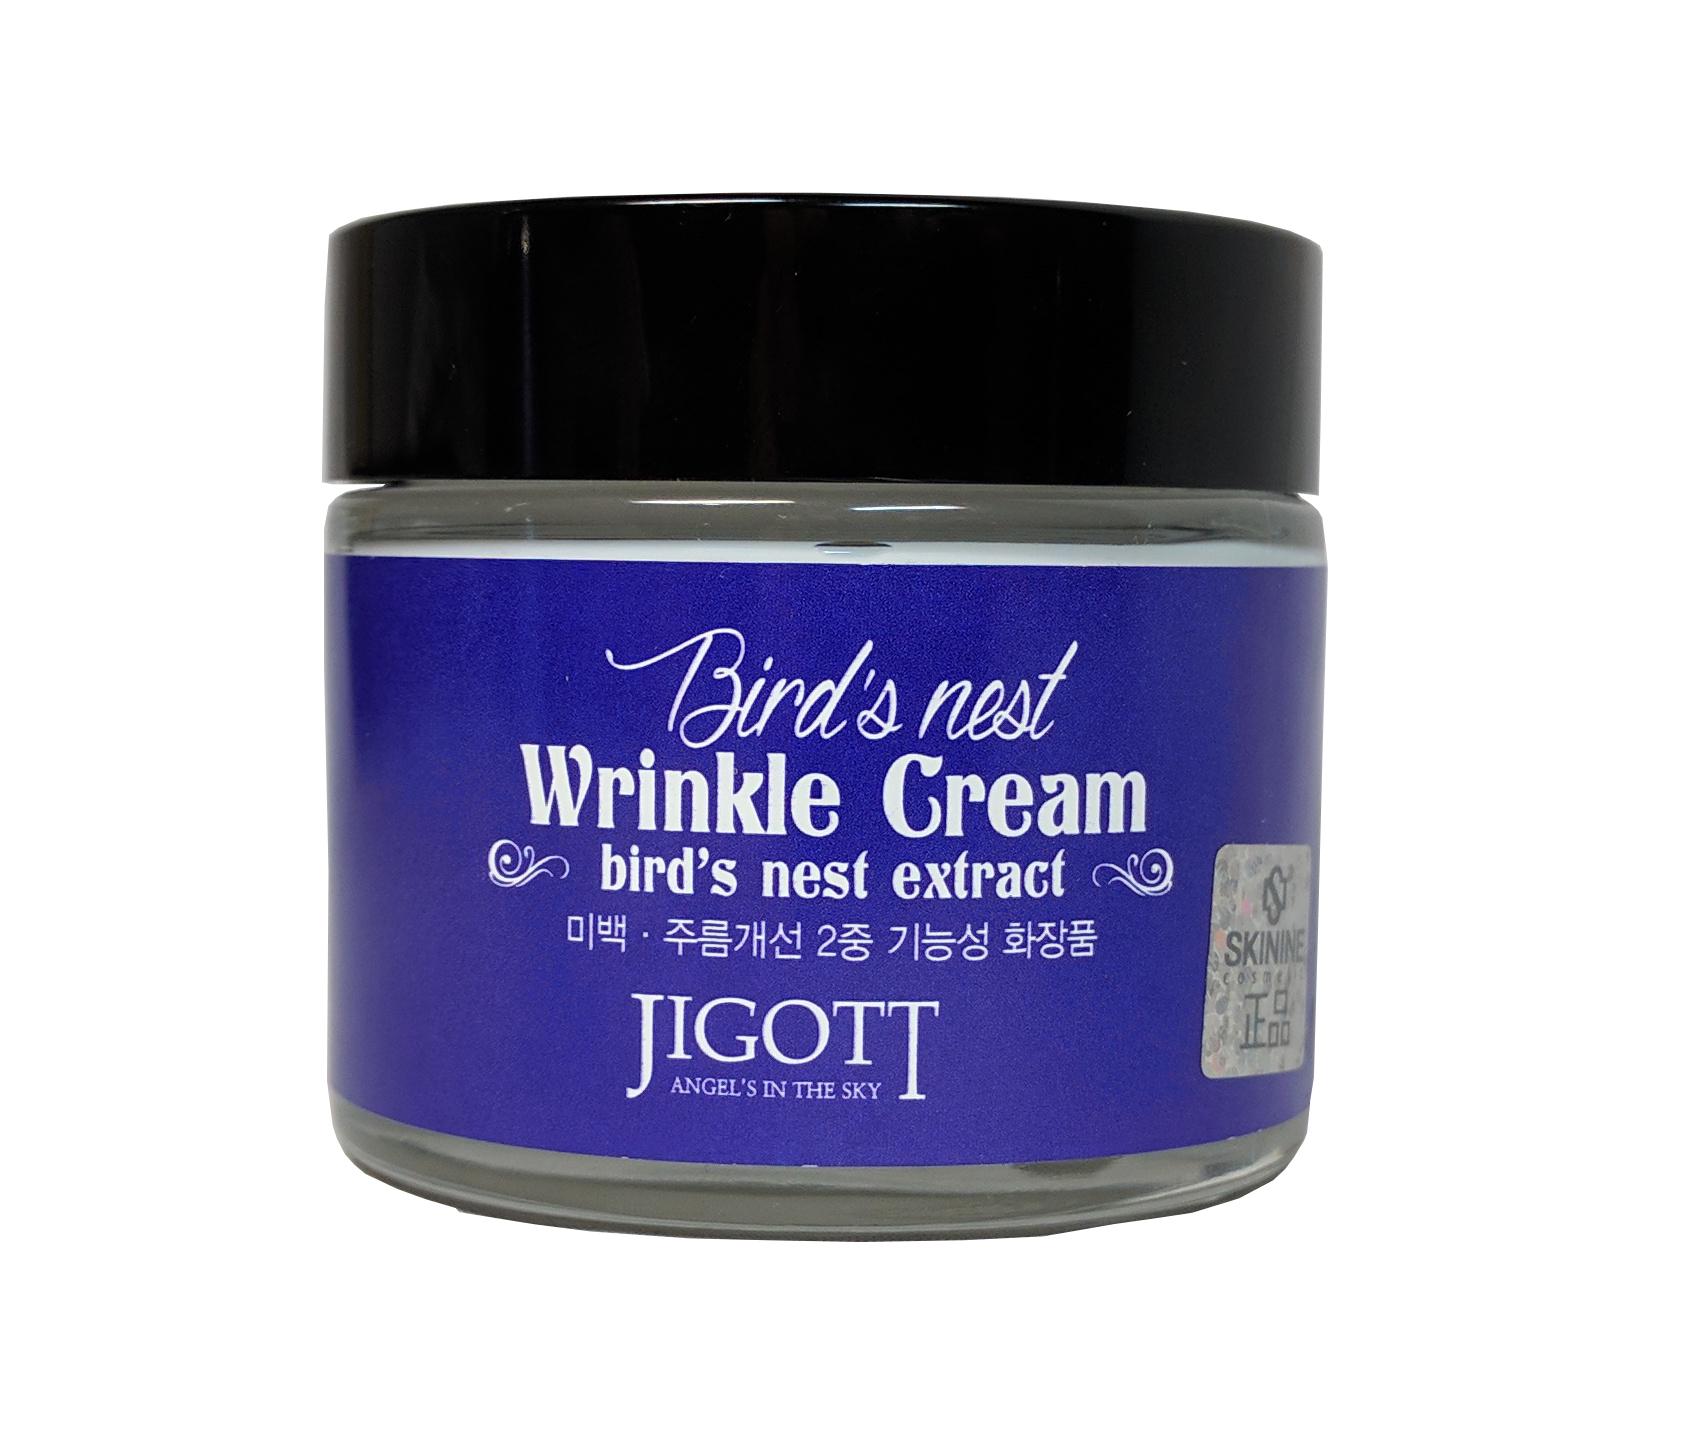 антивозрастной крем с экстрактом ласточкиного гнезда jigott bird's nest wrinkle creamBird's Nest Wrinkle Cream. Антивозрастной крем с экстрактом ласточкиного гнезда<br><br>Крем с экстрактом ласточкиного гнезда улучшает общее состояние кожи, разглаживает морщины и препятствует появлению новых, обеспечивает эффект лифтинга, освежает и смягчает кожу.<br><br>Ласточкино гнездо – это ценнейший косметический ингредиент. Экстракт ласточкиного гнезда – источник важных минералов, полисахаридов и антиоксидантов. В восточной медицине этот продукт признан лучшим косметическим средством с потрясающим омолаживающим эффектом.<br><br>Ниацинамид в составе крема является активным компонентом для клеточного обновления кожи. Он стимулирует синтез коллагена, выработку кожных церамидов и липидов, способствует выработке кожного иммунитета к негативному воздействию окружающей среды.<br><br>Применение:&amp;nbsp;Используйте как завершающий этап ухода за кожей. Небольшое количество крема нанесите на лицо и шею, нежными похлопывающими движениями распределите крем по поверхности кожи.<br><br>Меры предосторожности:&amp;nbsp;Только для наружного применения. Избегать попадания в глаза. При попадании в глаза немедленно промыть водой. Не наносить на поврежденные участки кожи. При появлении раздражения прекратить использование.<br><br>Срок годности:&amp;nbsp;3 года с даты производства.<br><br>Объем:&amp;nbsp;70 мл<br><br>&amp;nbsp;<br>